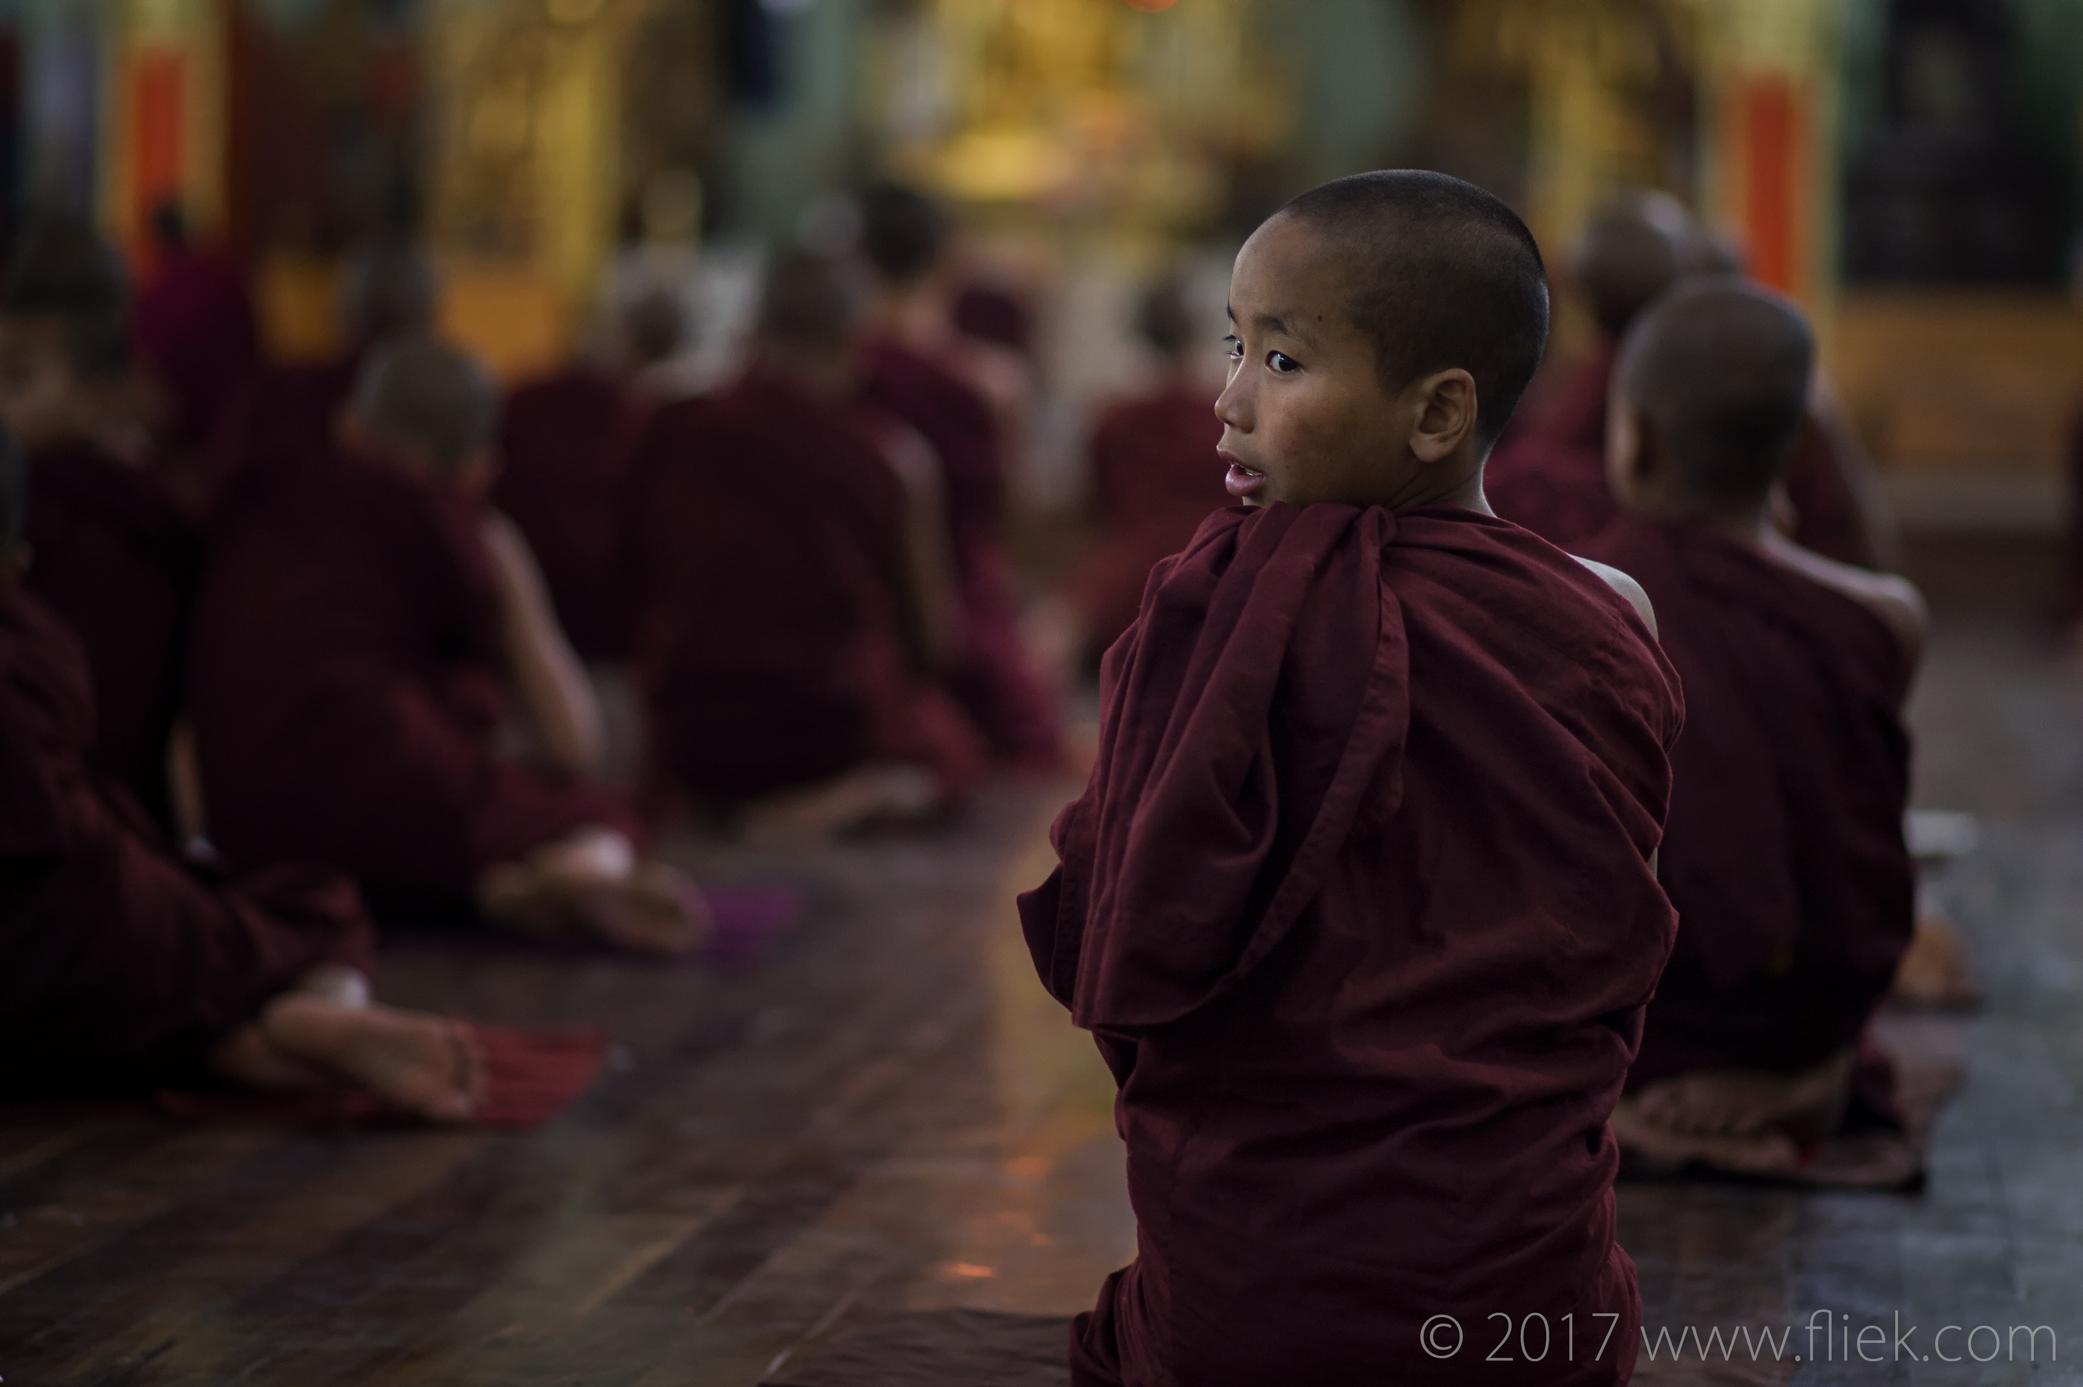 Magical mysterious Myanmar... NyaungSchwe monastery monksattending evening prayer (2)